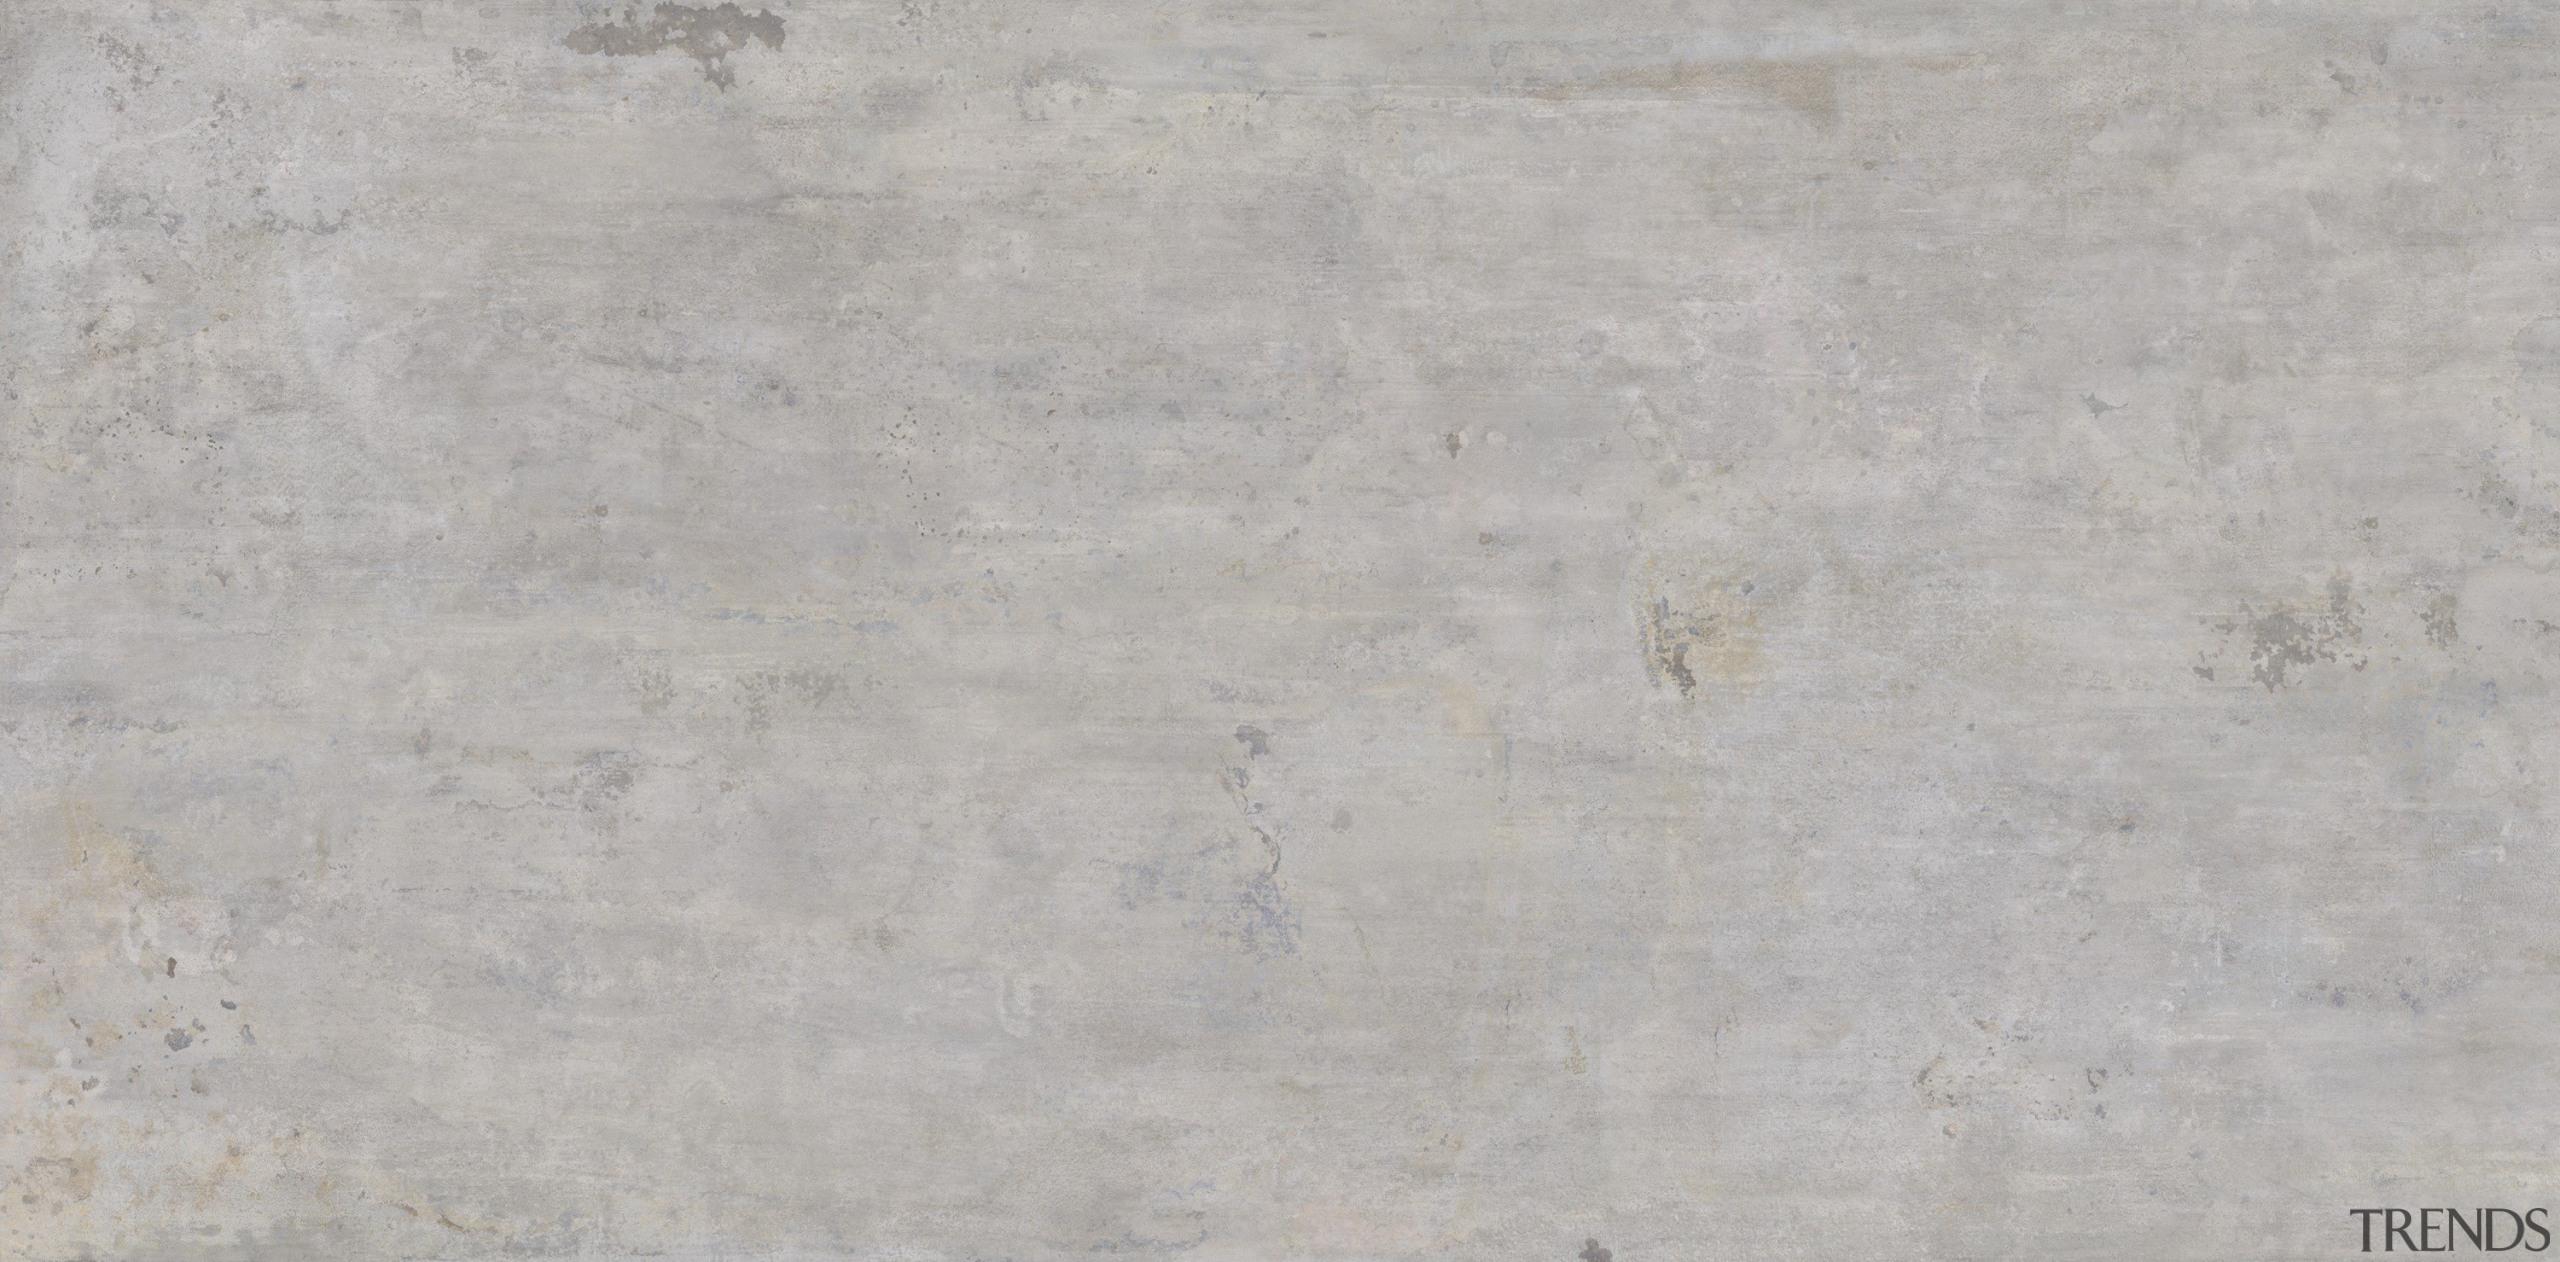 Beton - texture   wall   gray texture, wall, gray